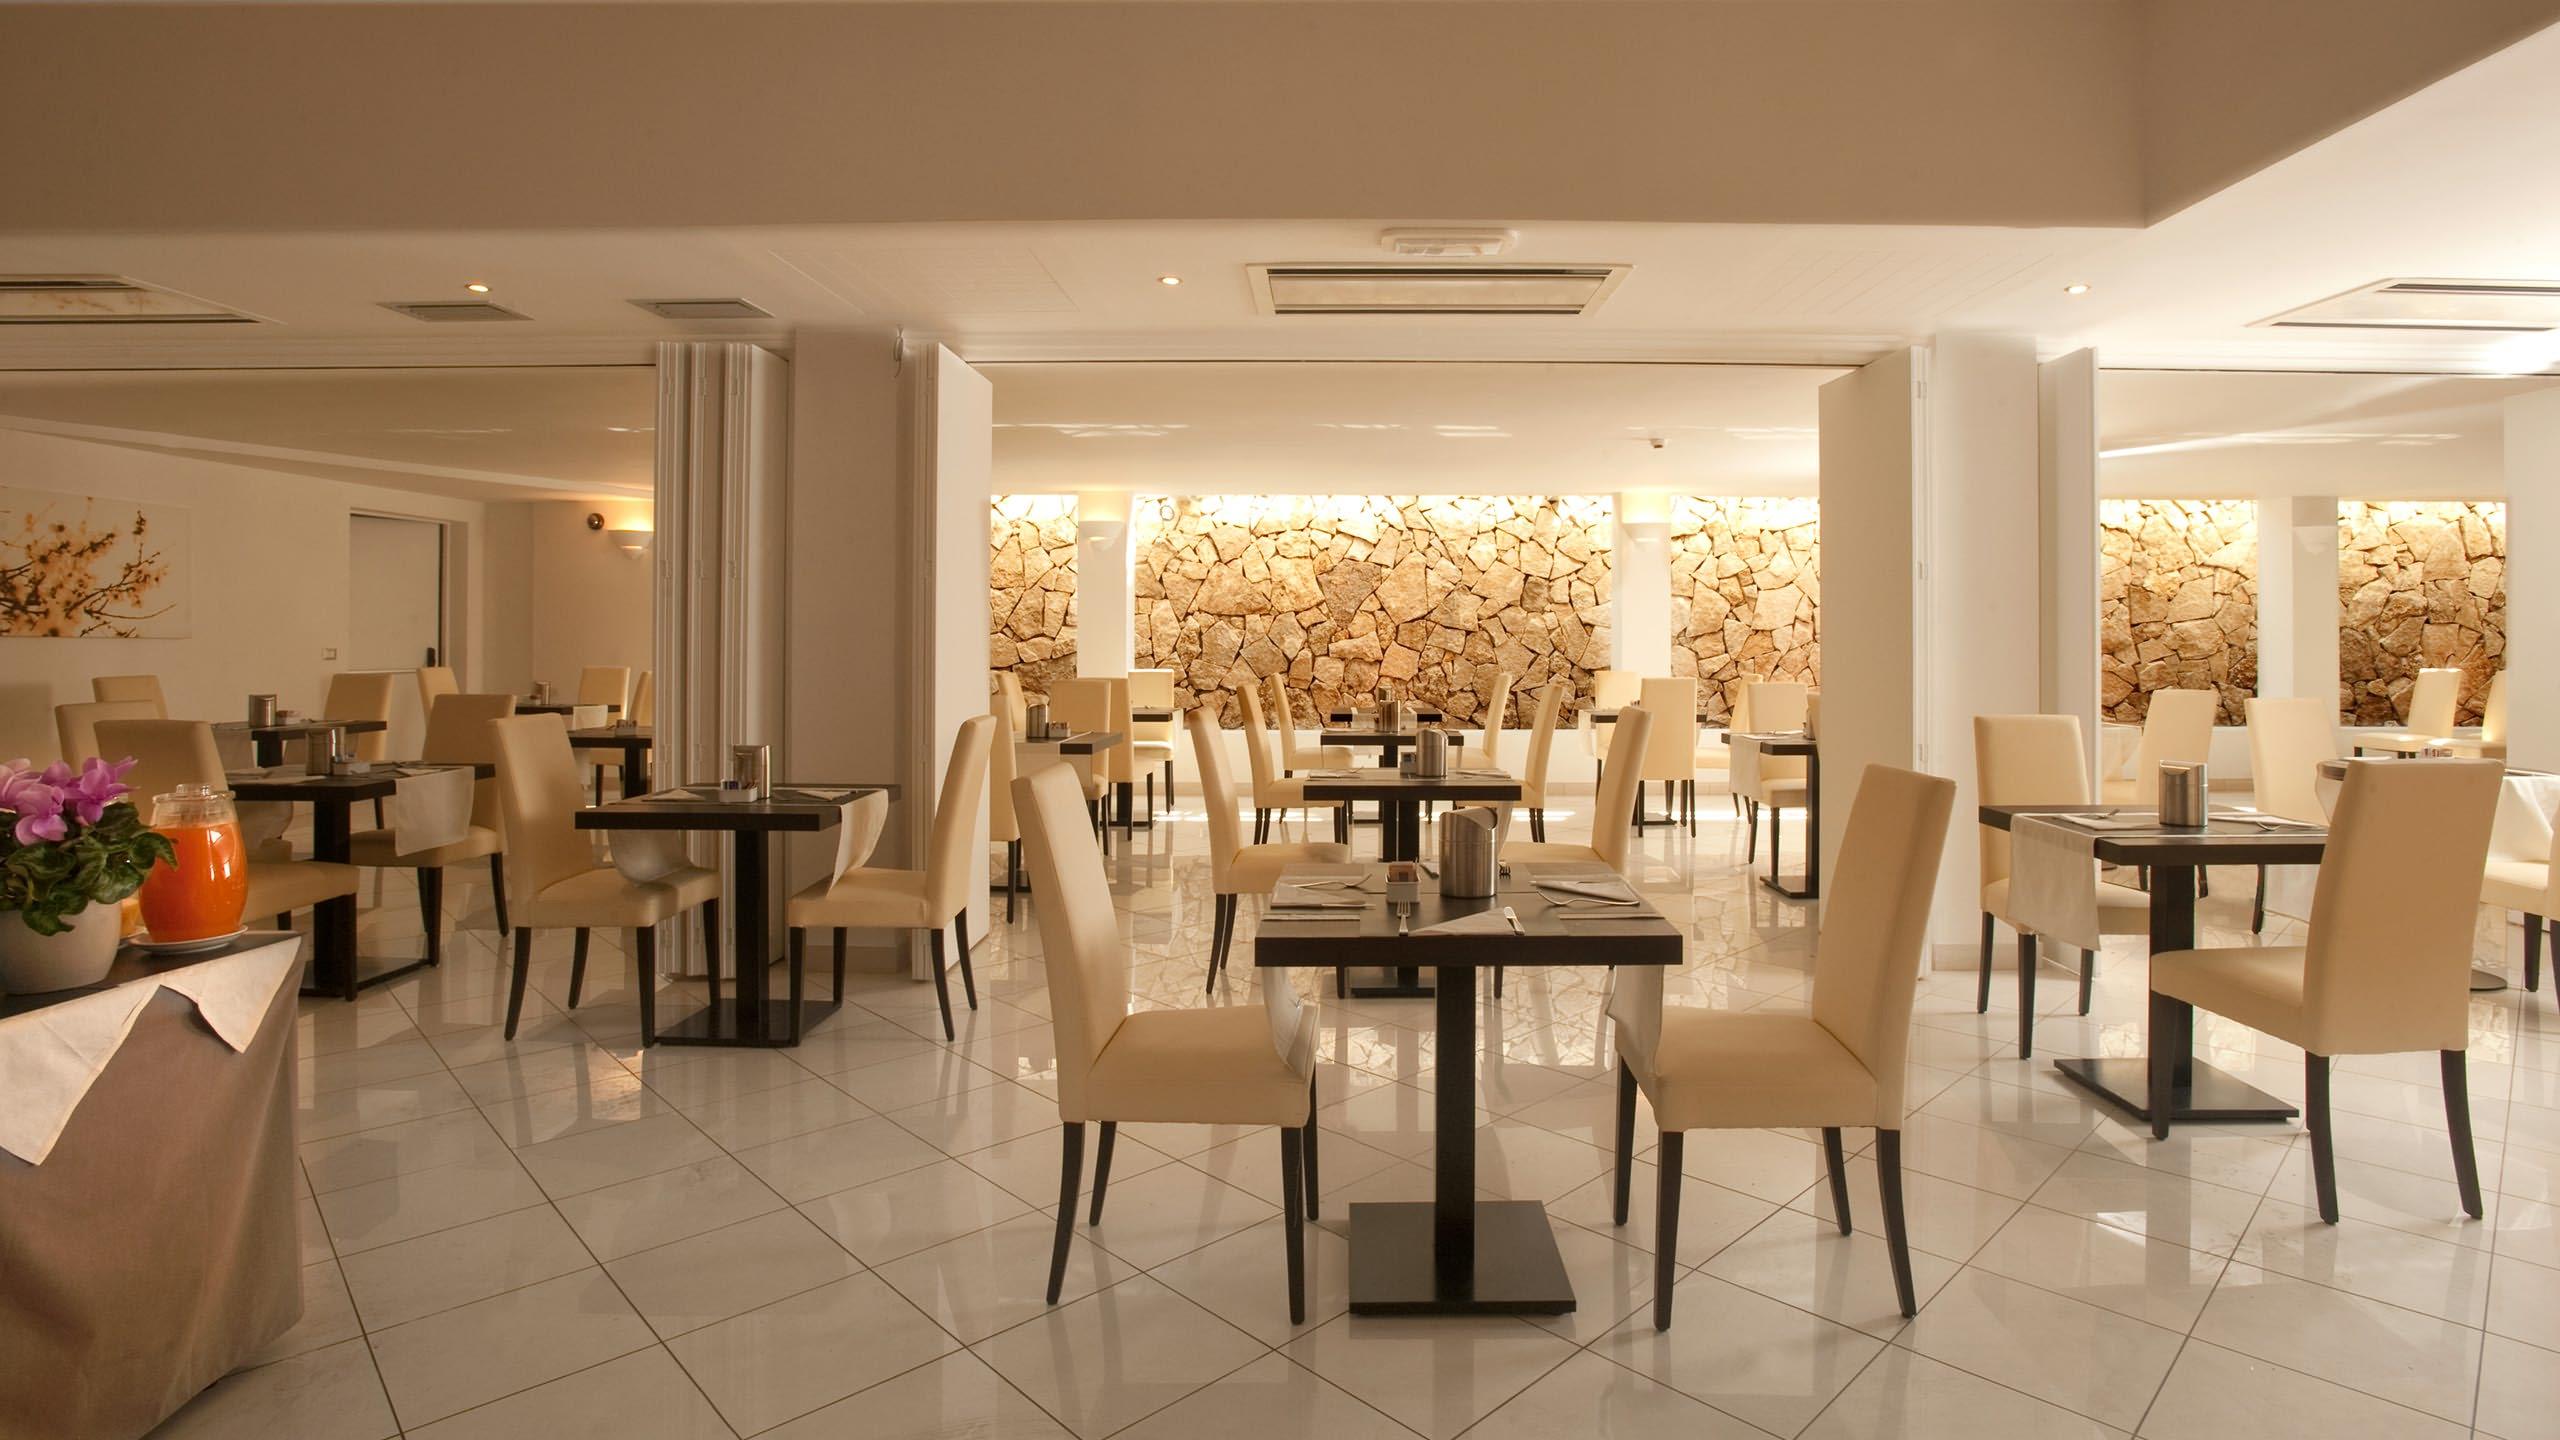 oc-hotel-roma-colazioni-001